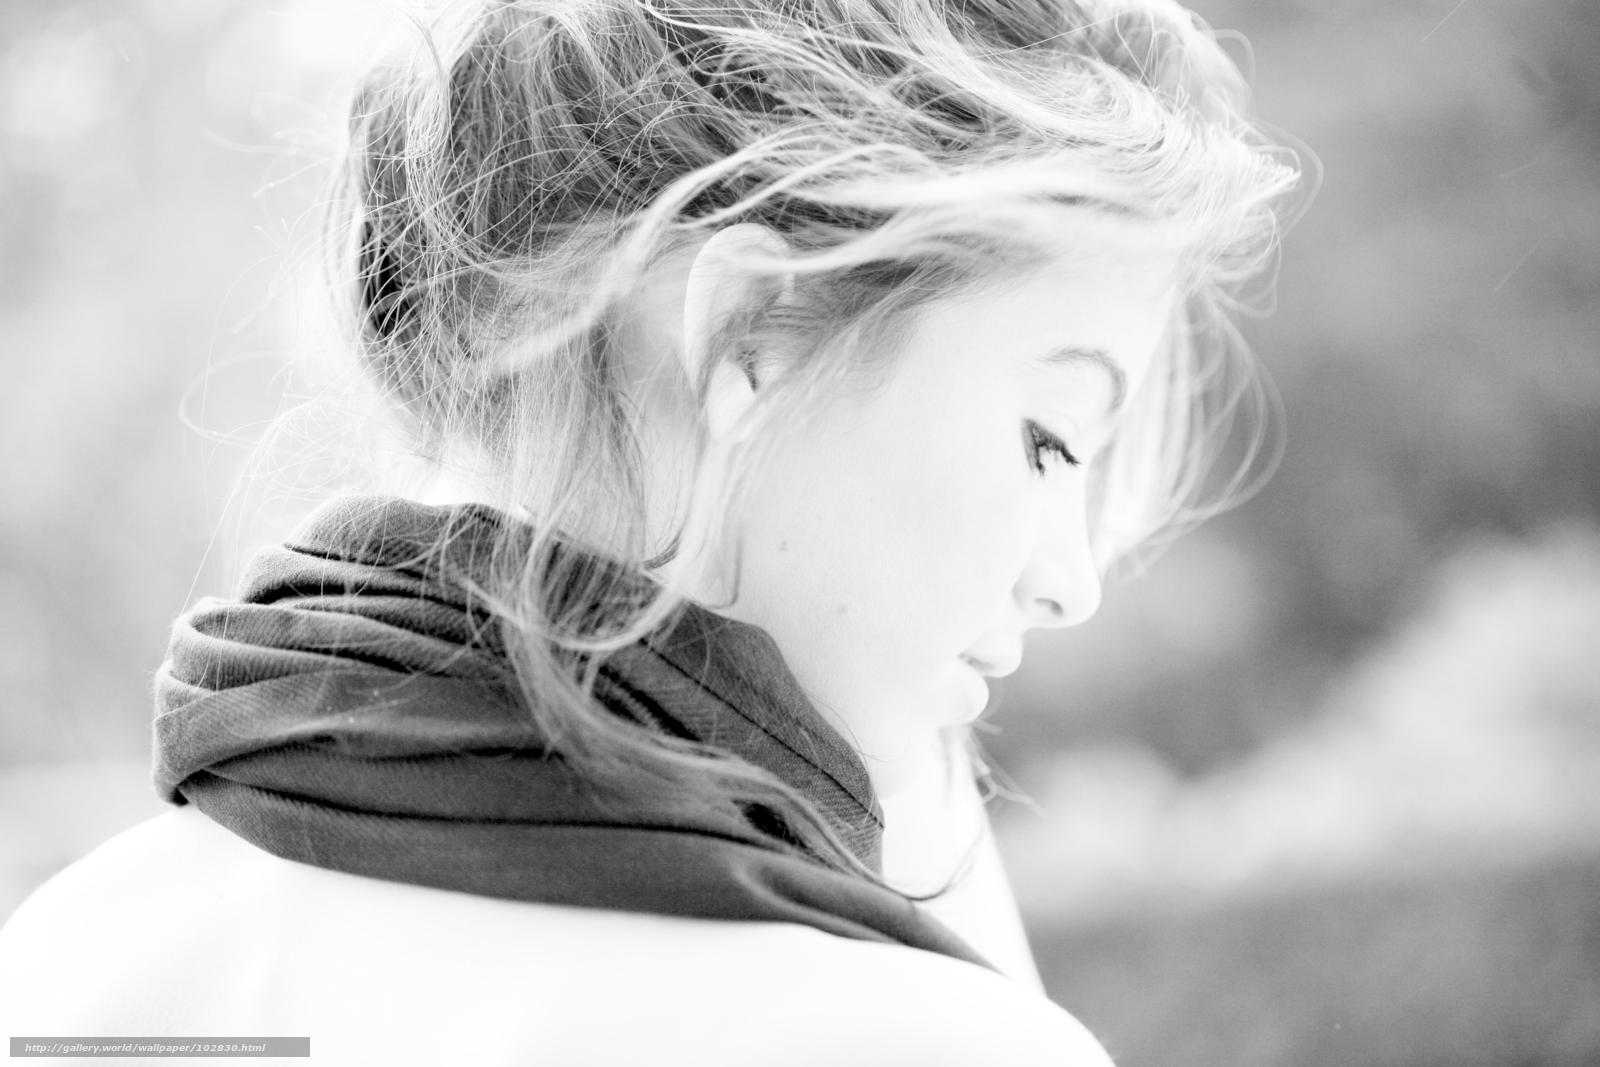 Фотоальбом обнаженной девушки. шатенка кареглазая красивая девушка